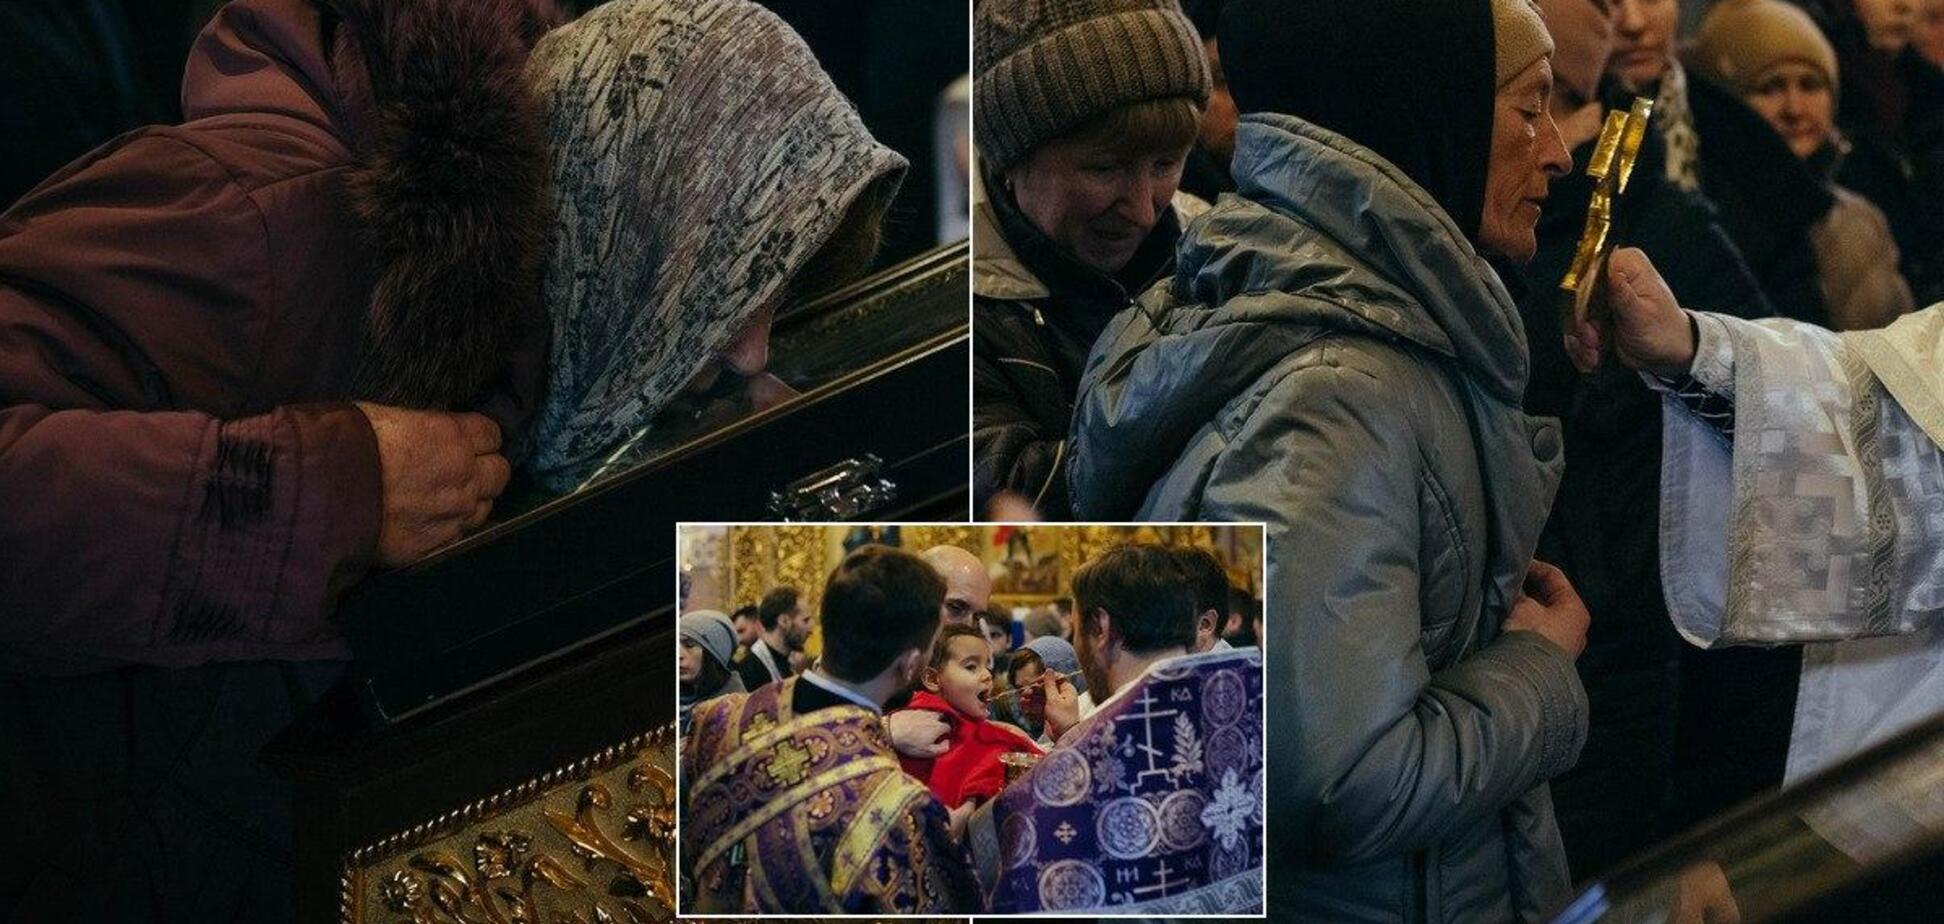 Целуют иконы и причащаются из одной ложки: как прихожане украинских церквей 'соблюдают' карантин. Фото